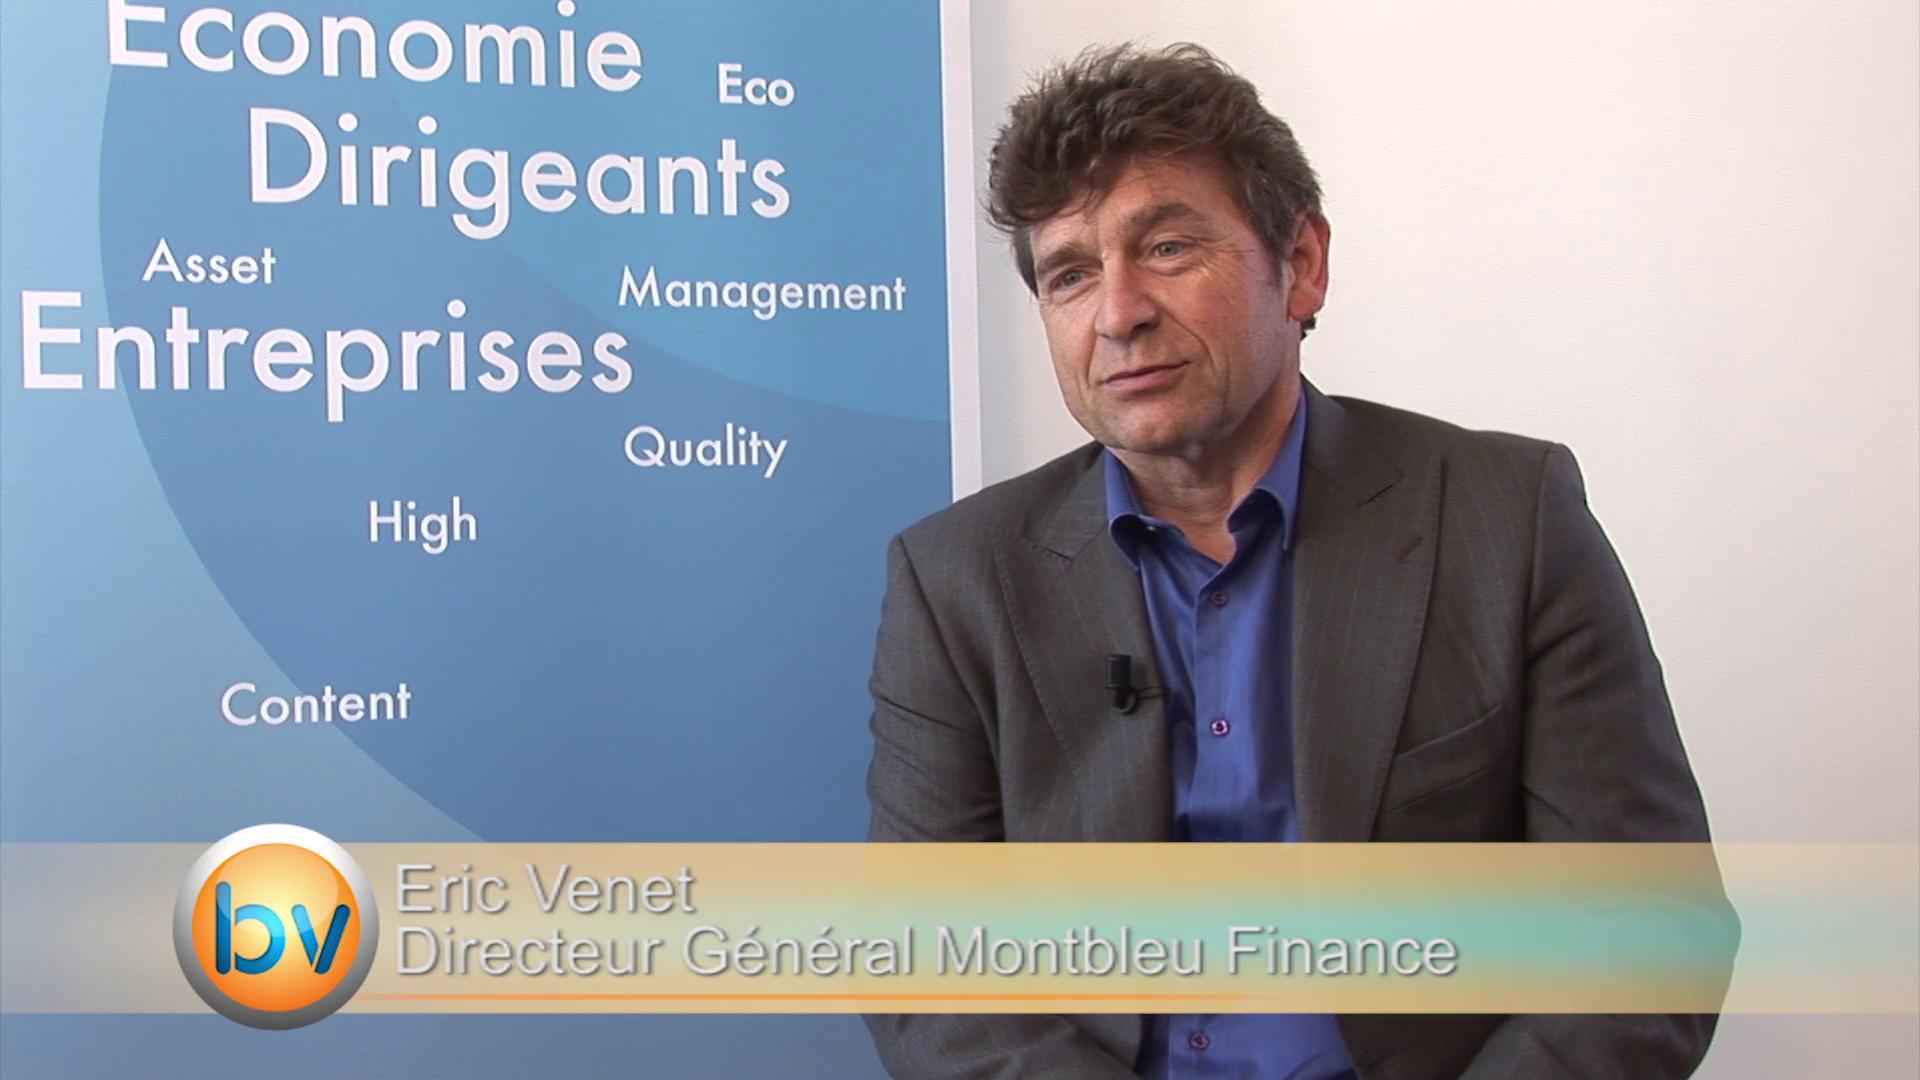 """Eric Venet Directeur Général Montbleu Finance : """"Ne pas être dans le marché est dangereux"""""""